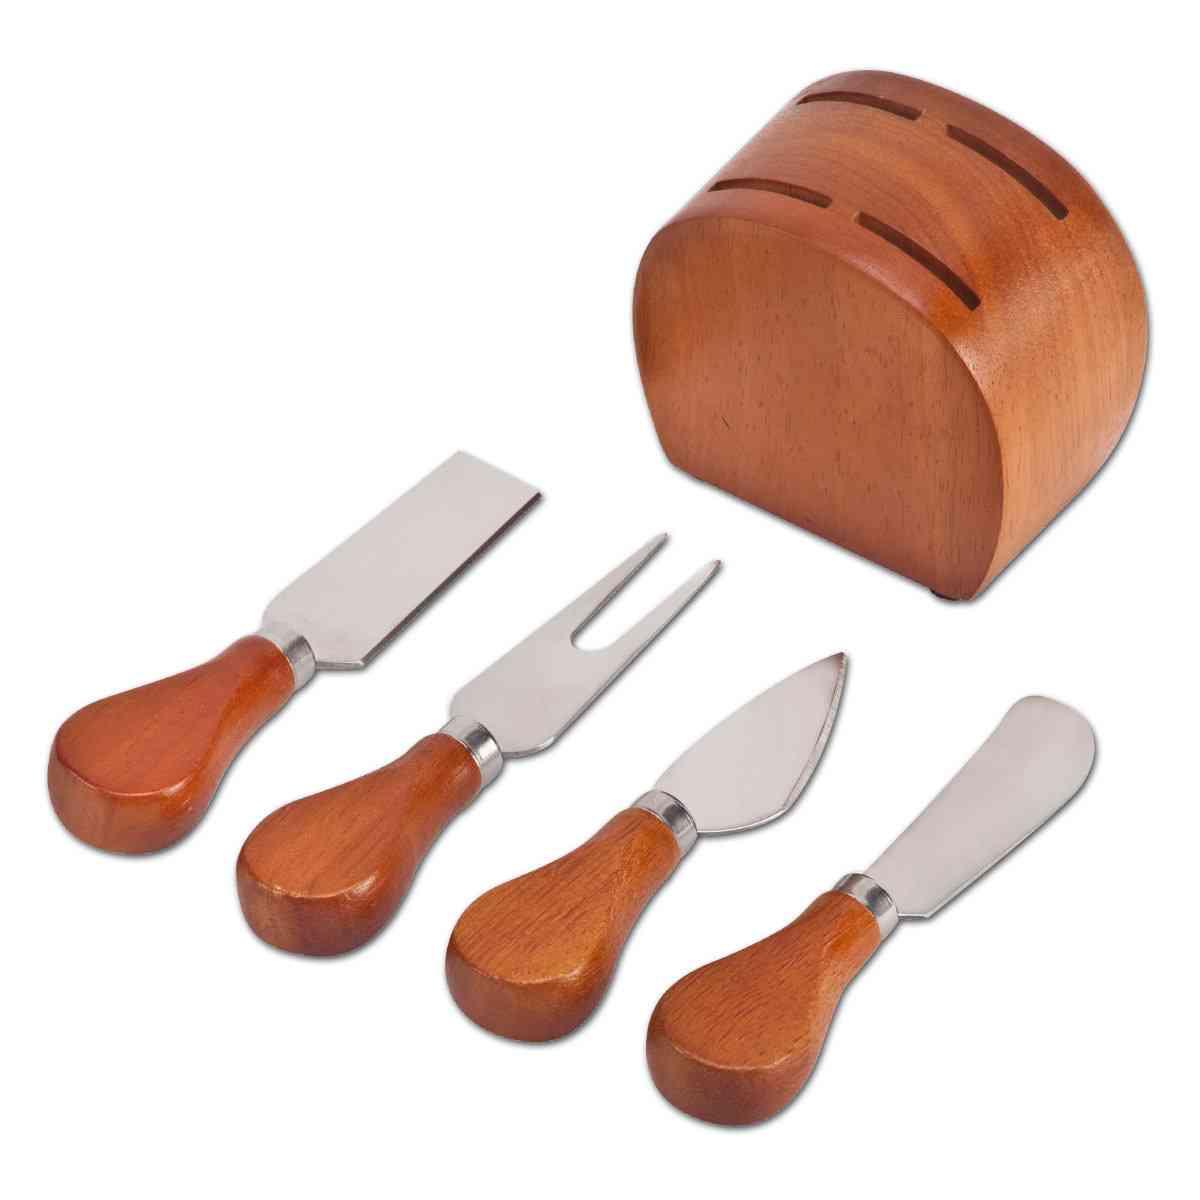 סט סכינים אמנטל